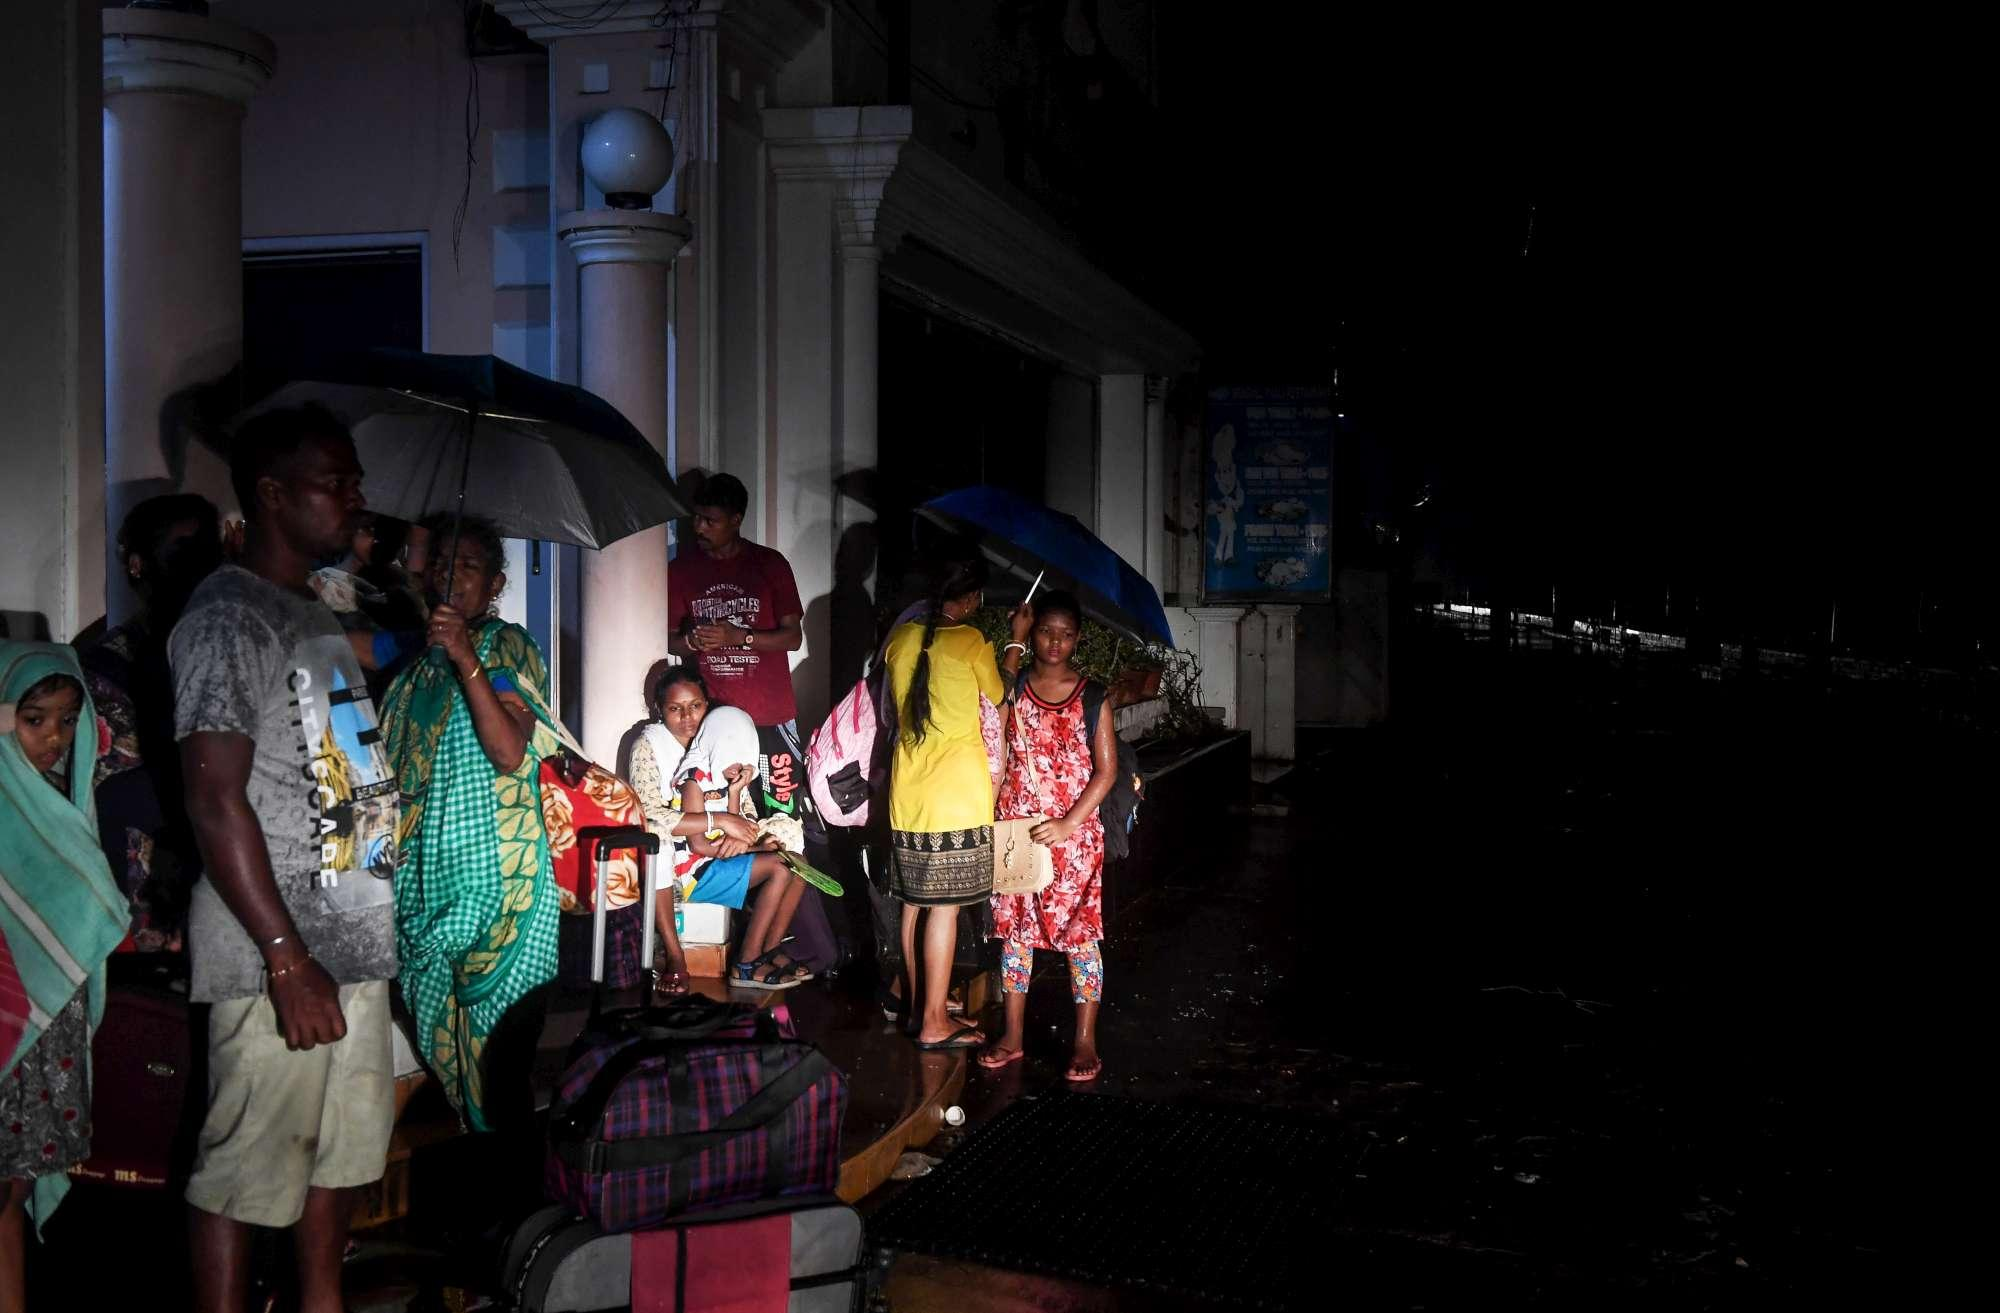 Il ciclone Fani sull India orientale venti a 205 km l ora e un milione di evacuati